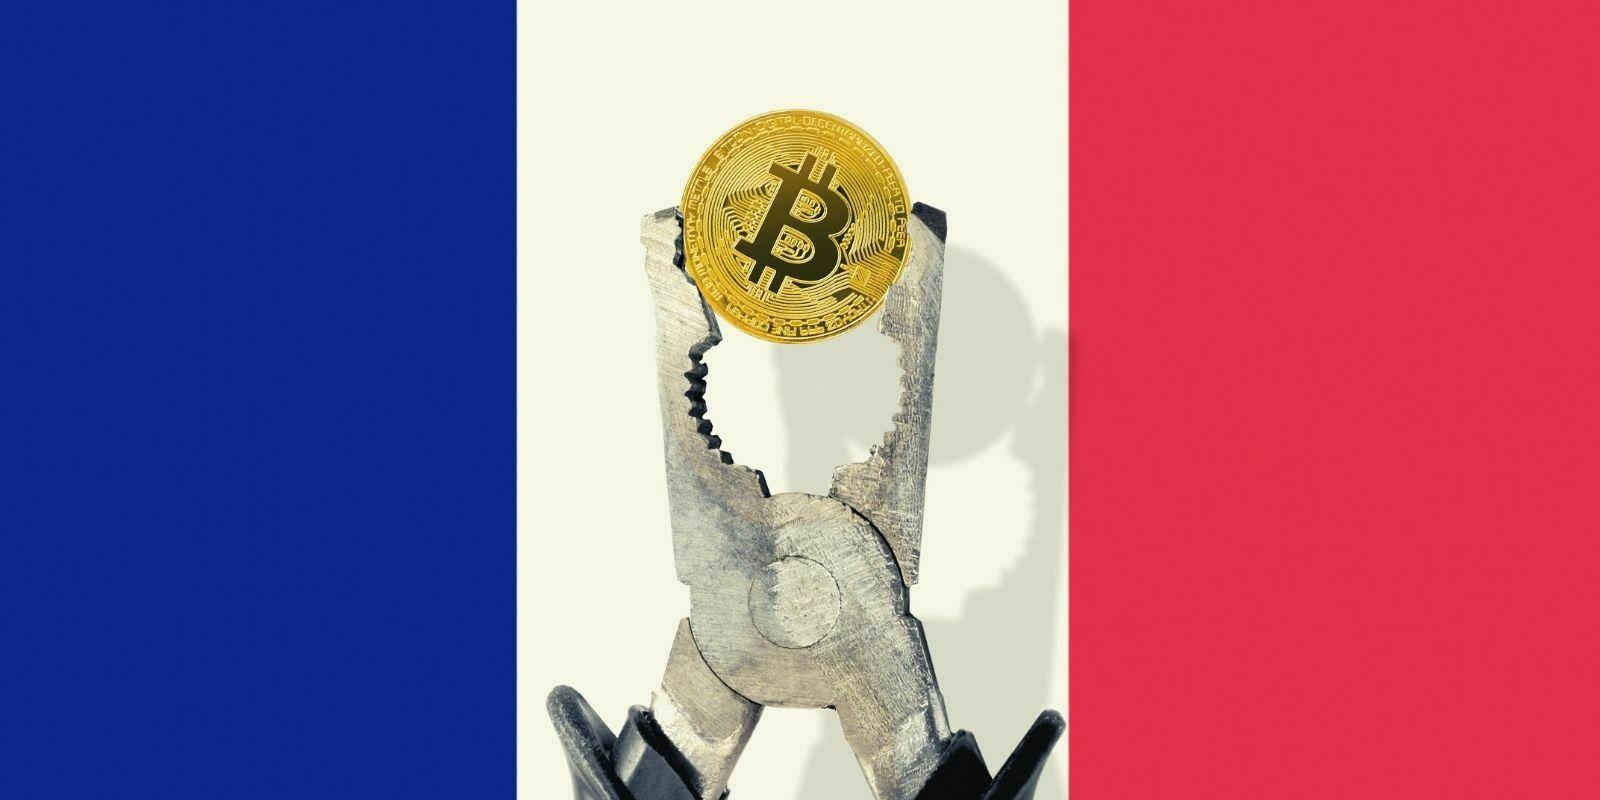 Le gouvernement impose une surveillance plus stricte des cryptomonnaies